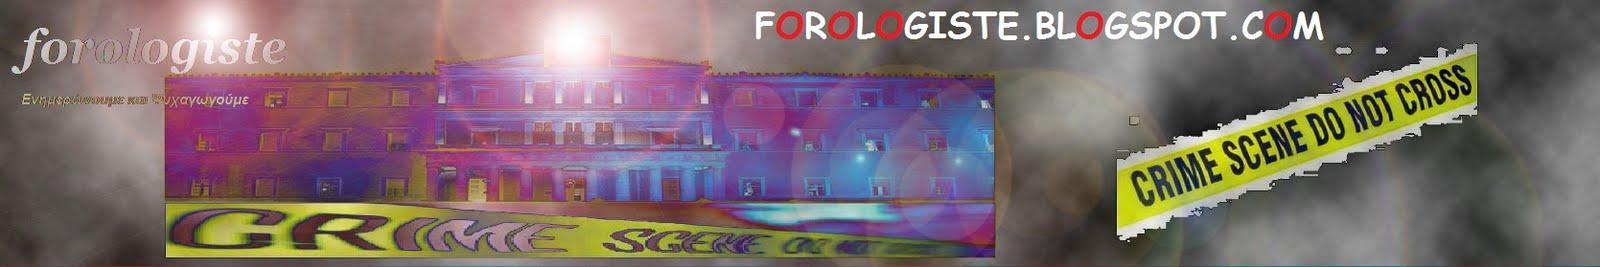 forologiste